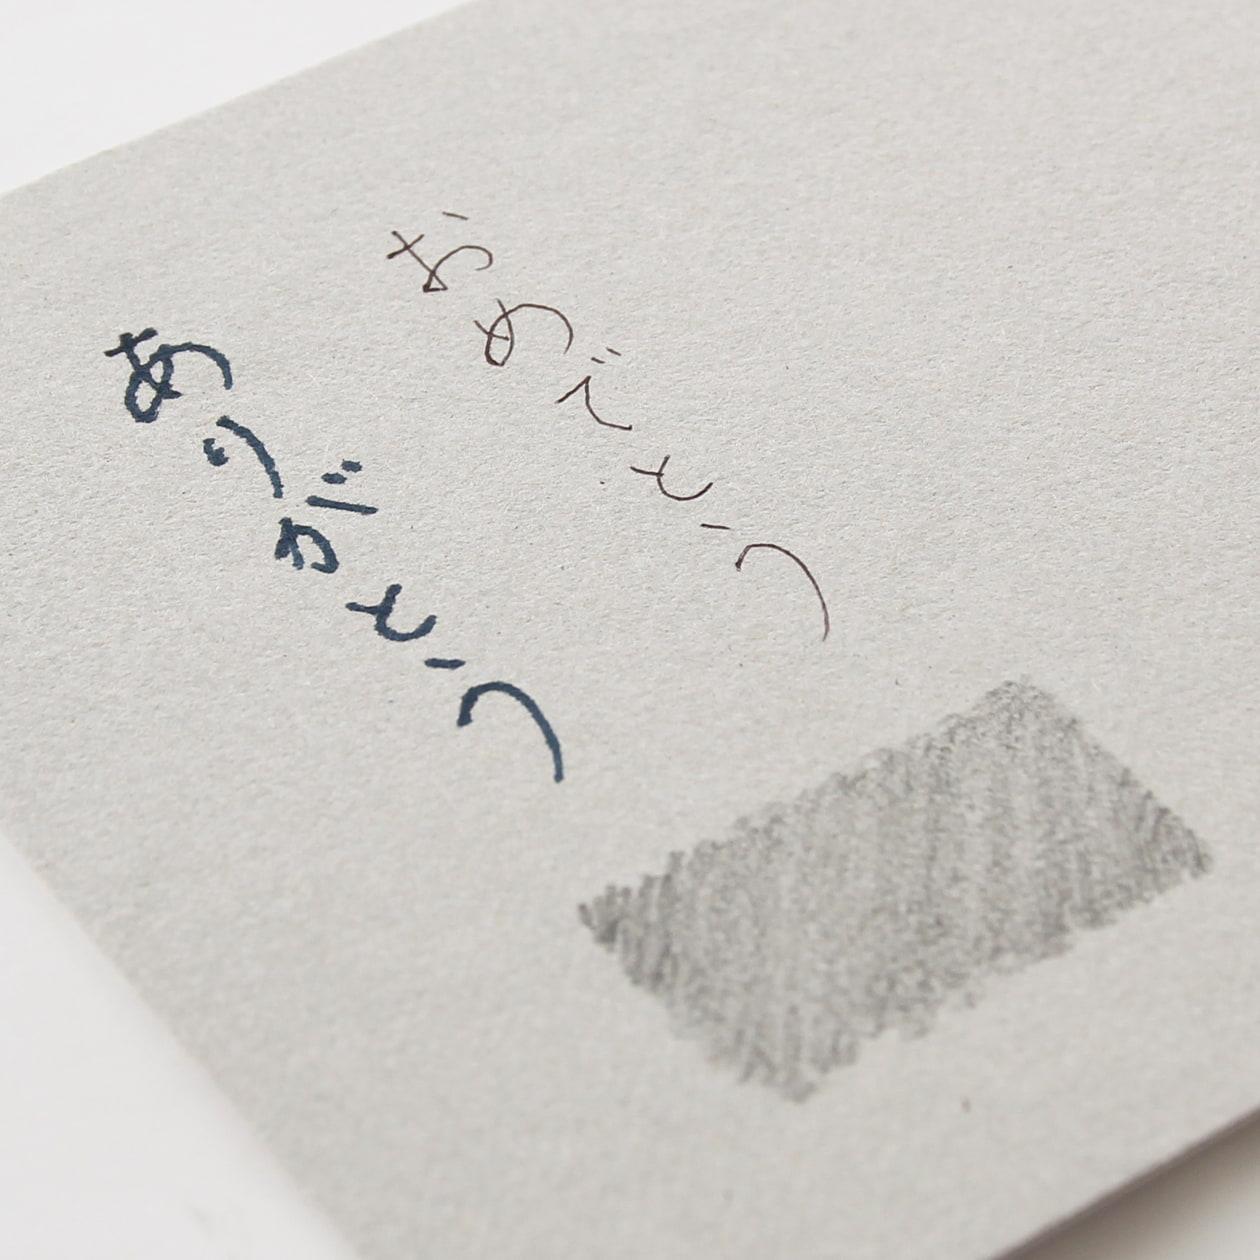 Pカード 二層合紙 グレー×スノーホワイト